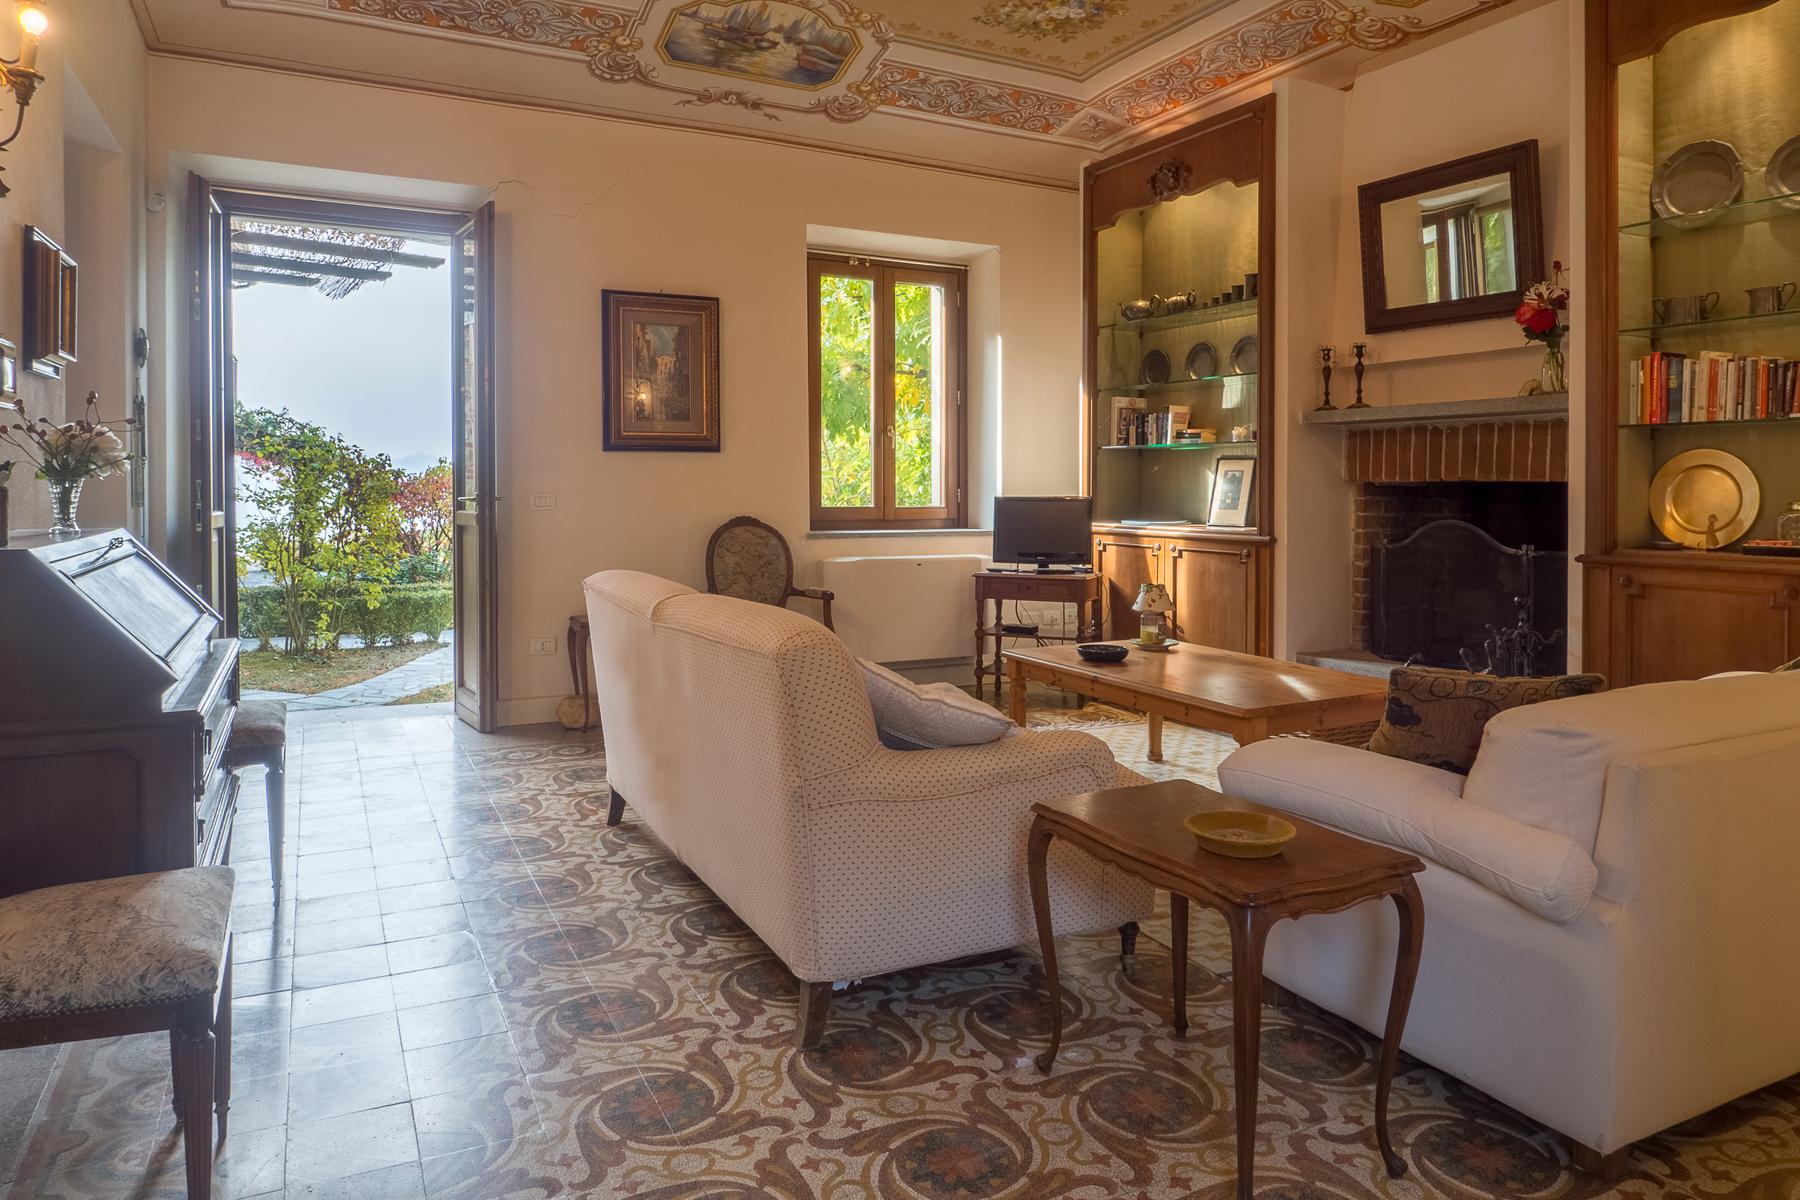 Appartamento in Vendita a Vignale Monferrato:  5 locali, 140 mq  - Foto 1